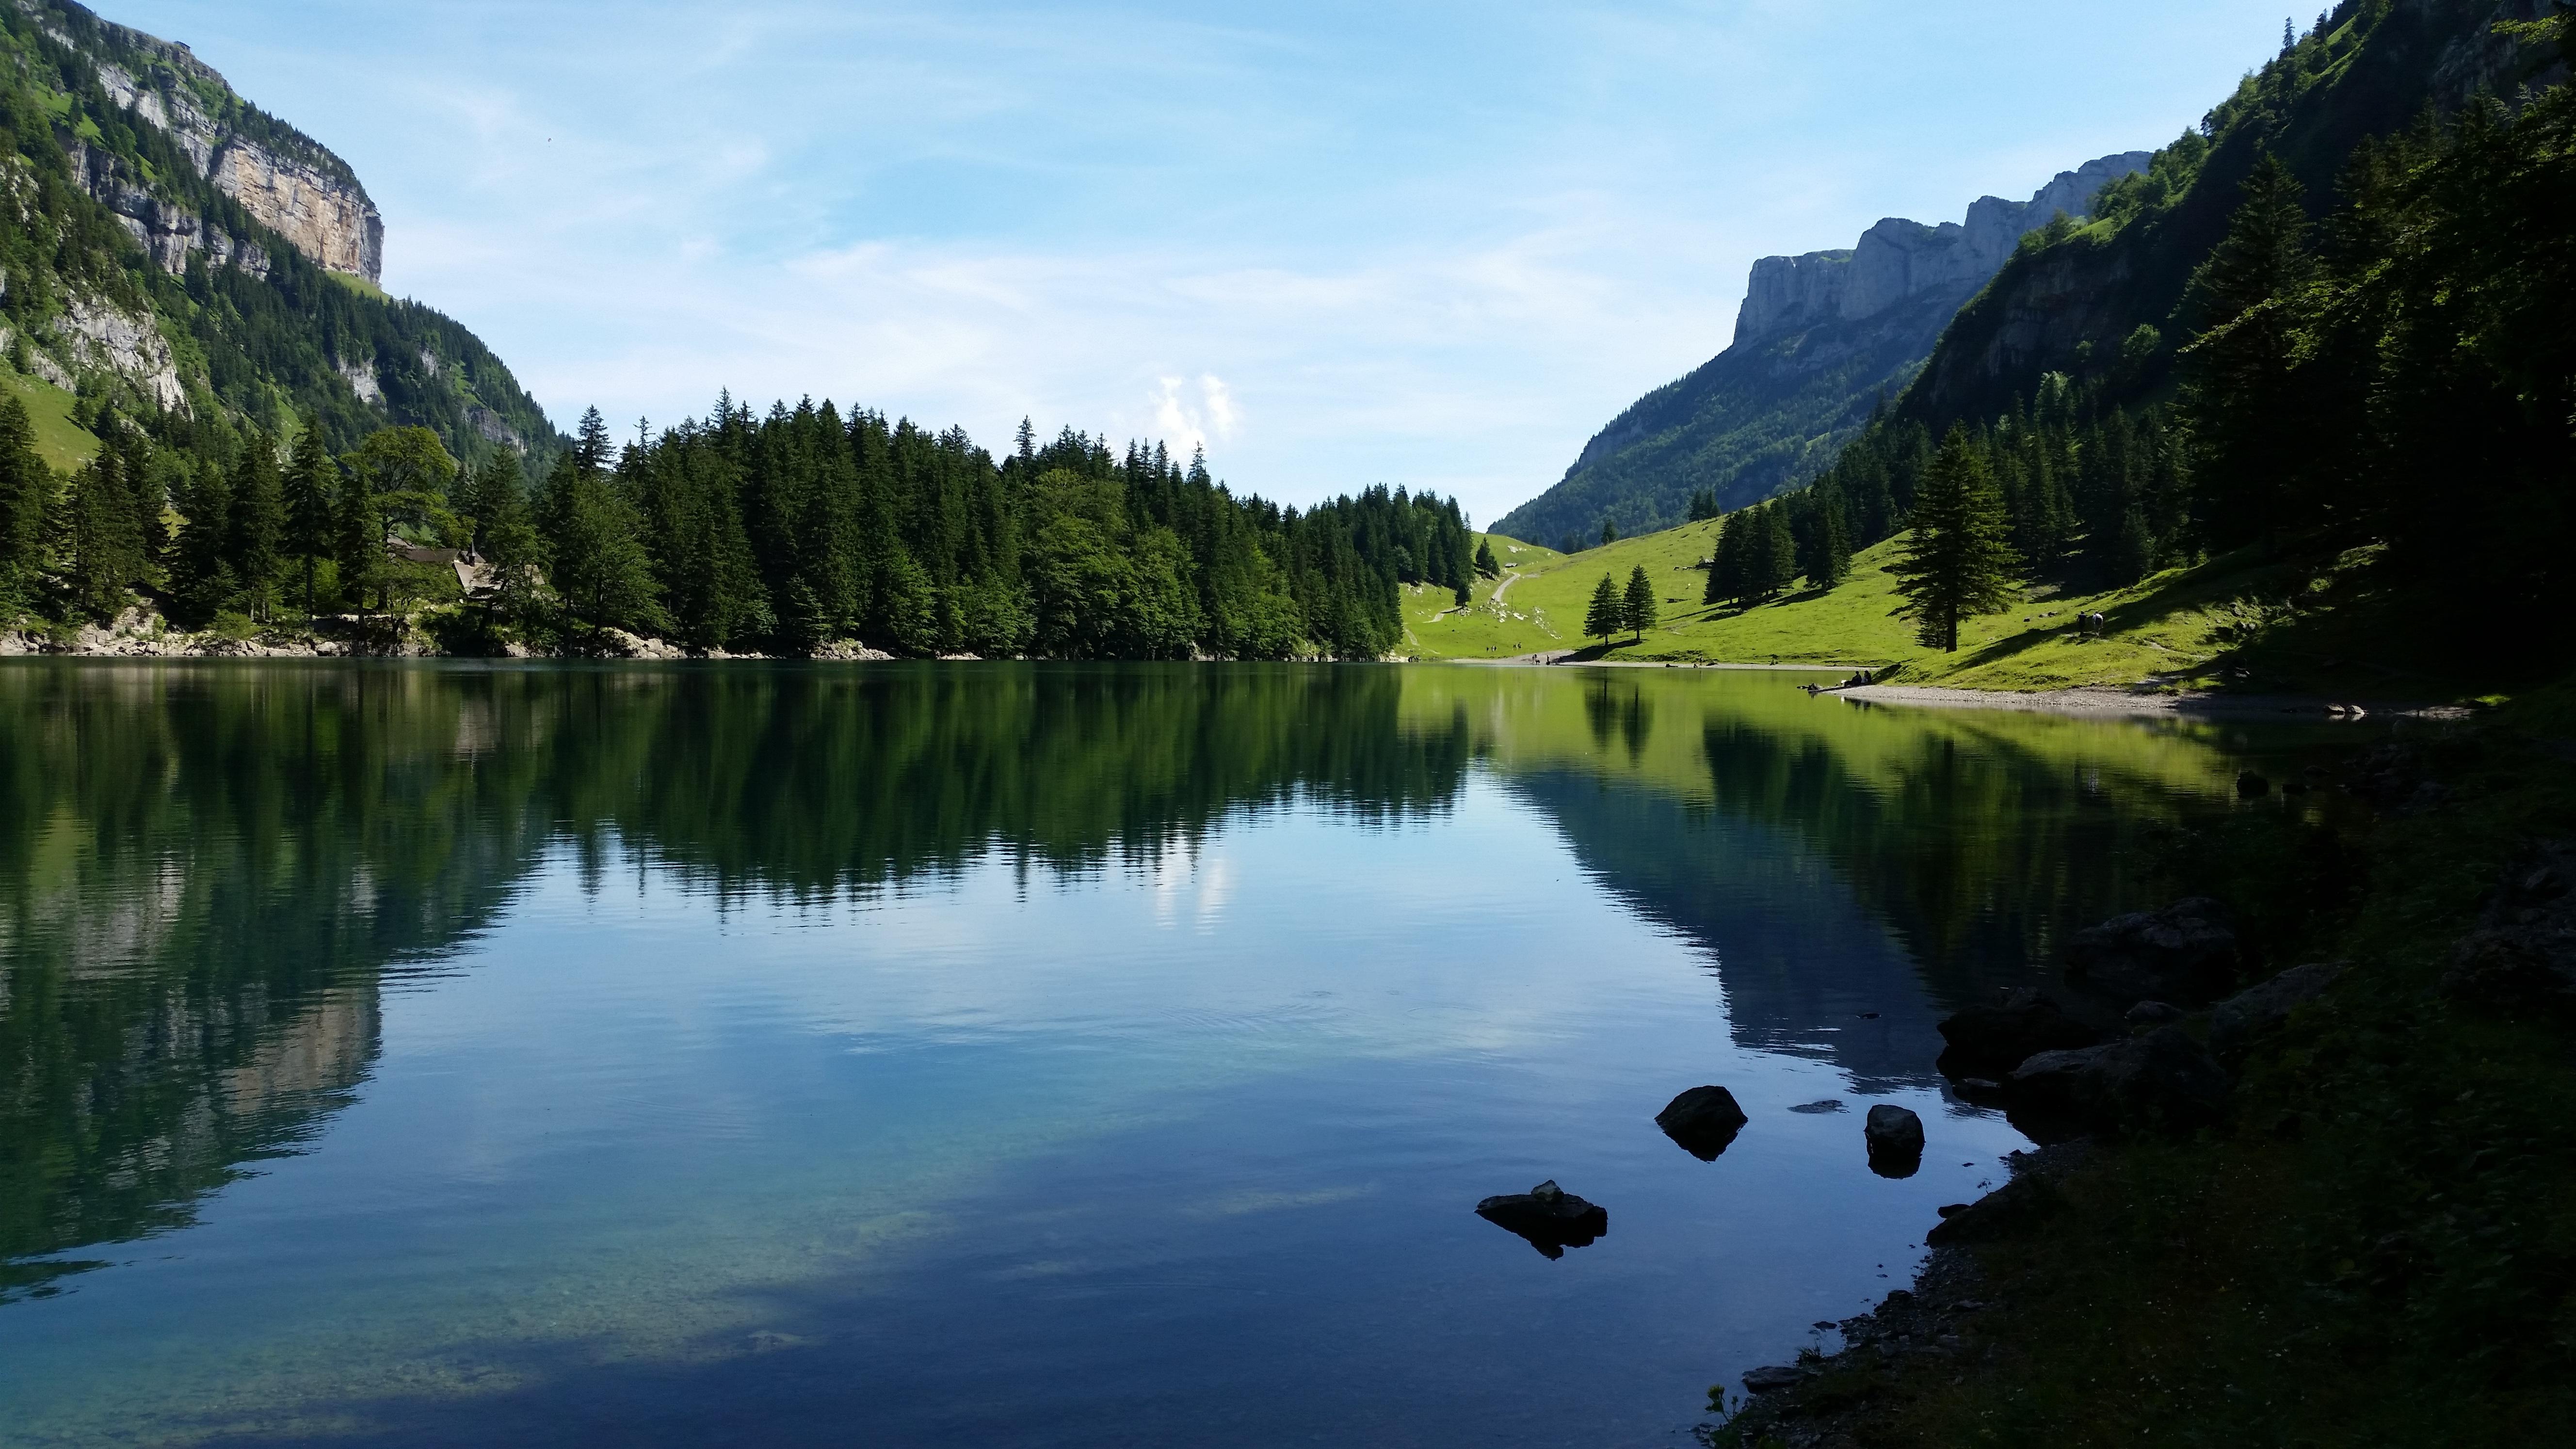 прищипывание крассулы картинки фото озера внутри гор сорт для